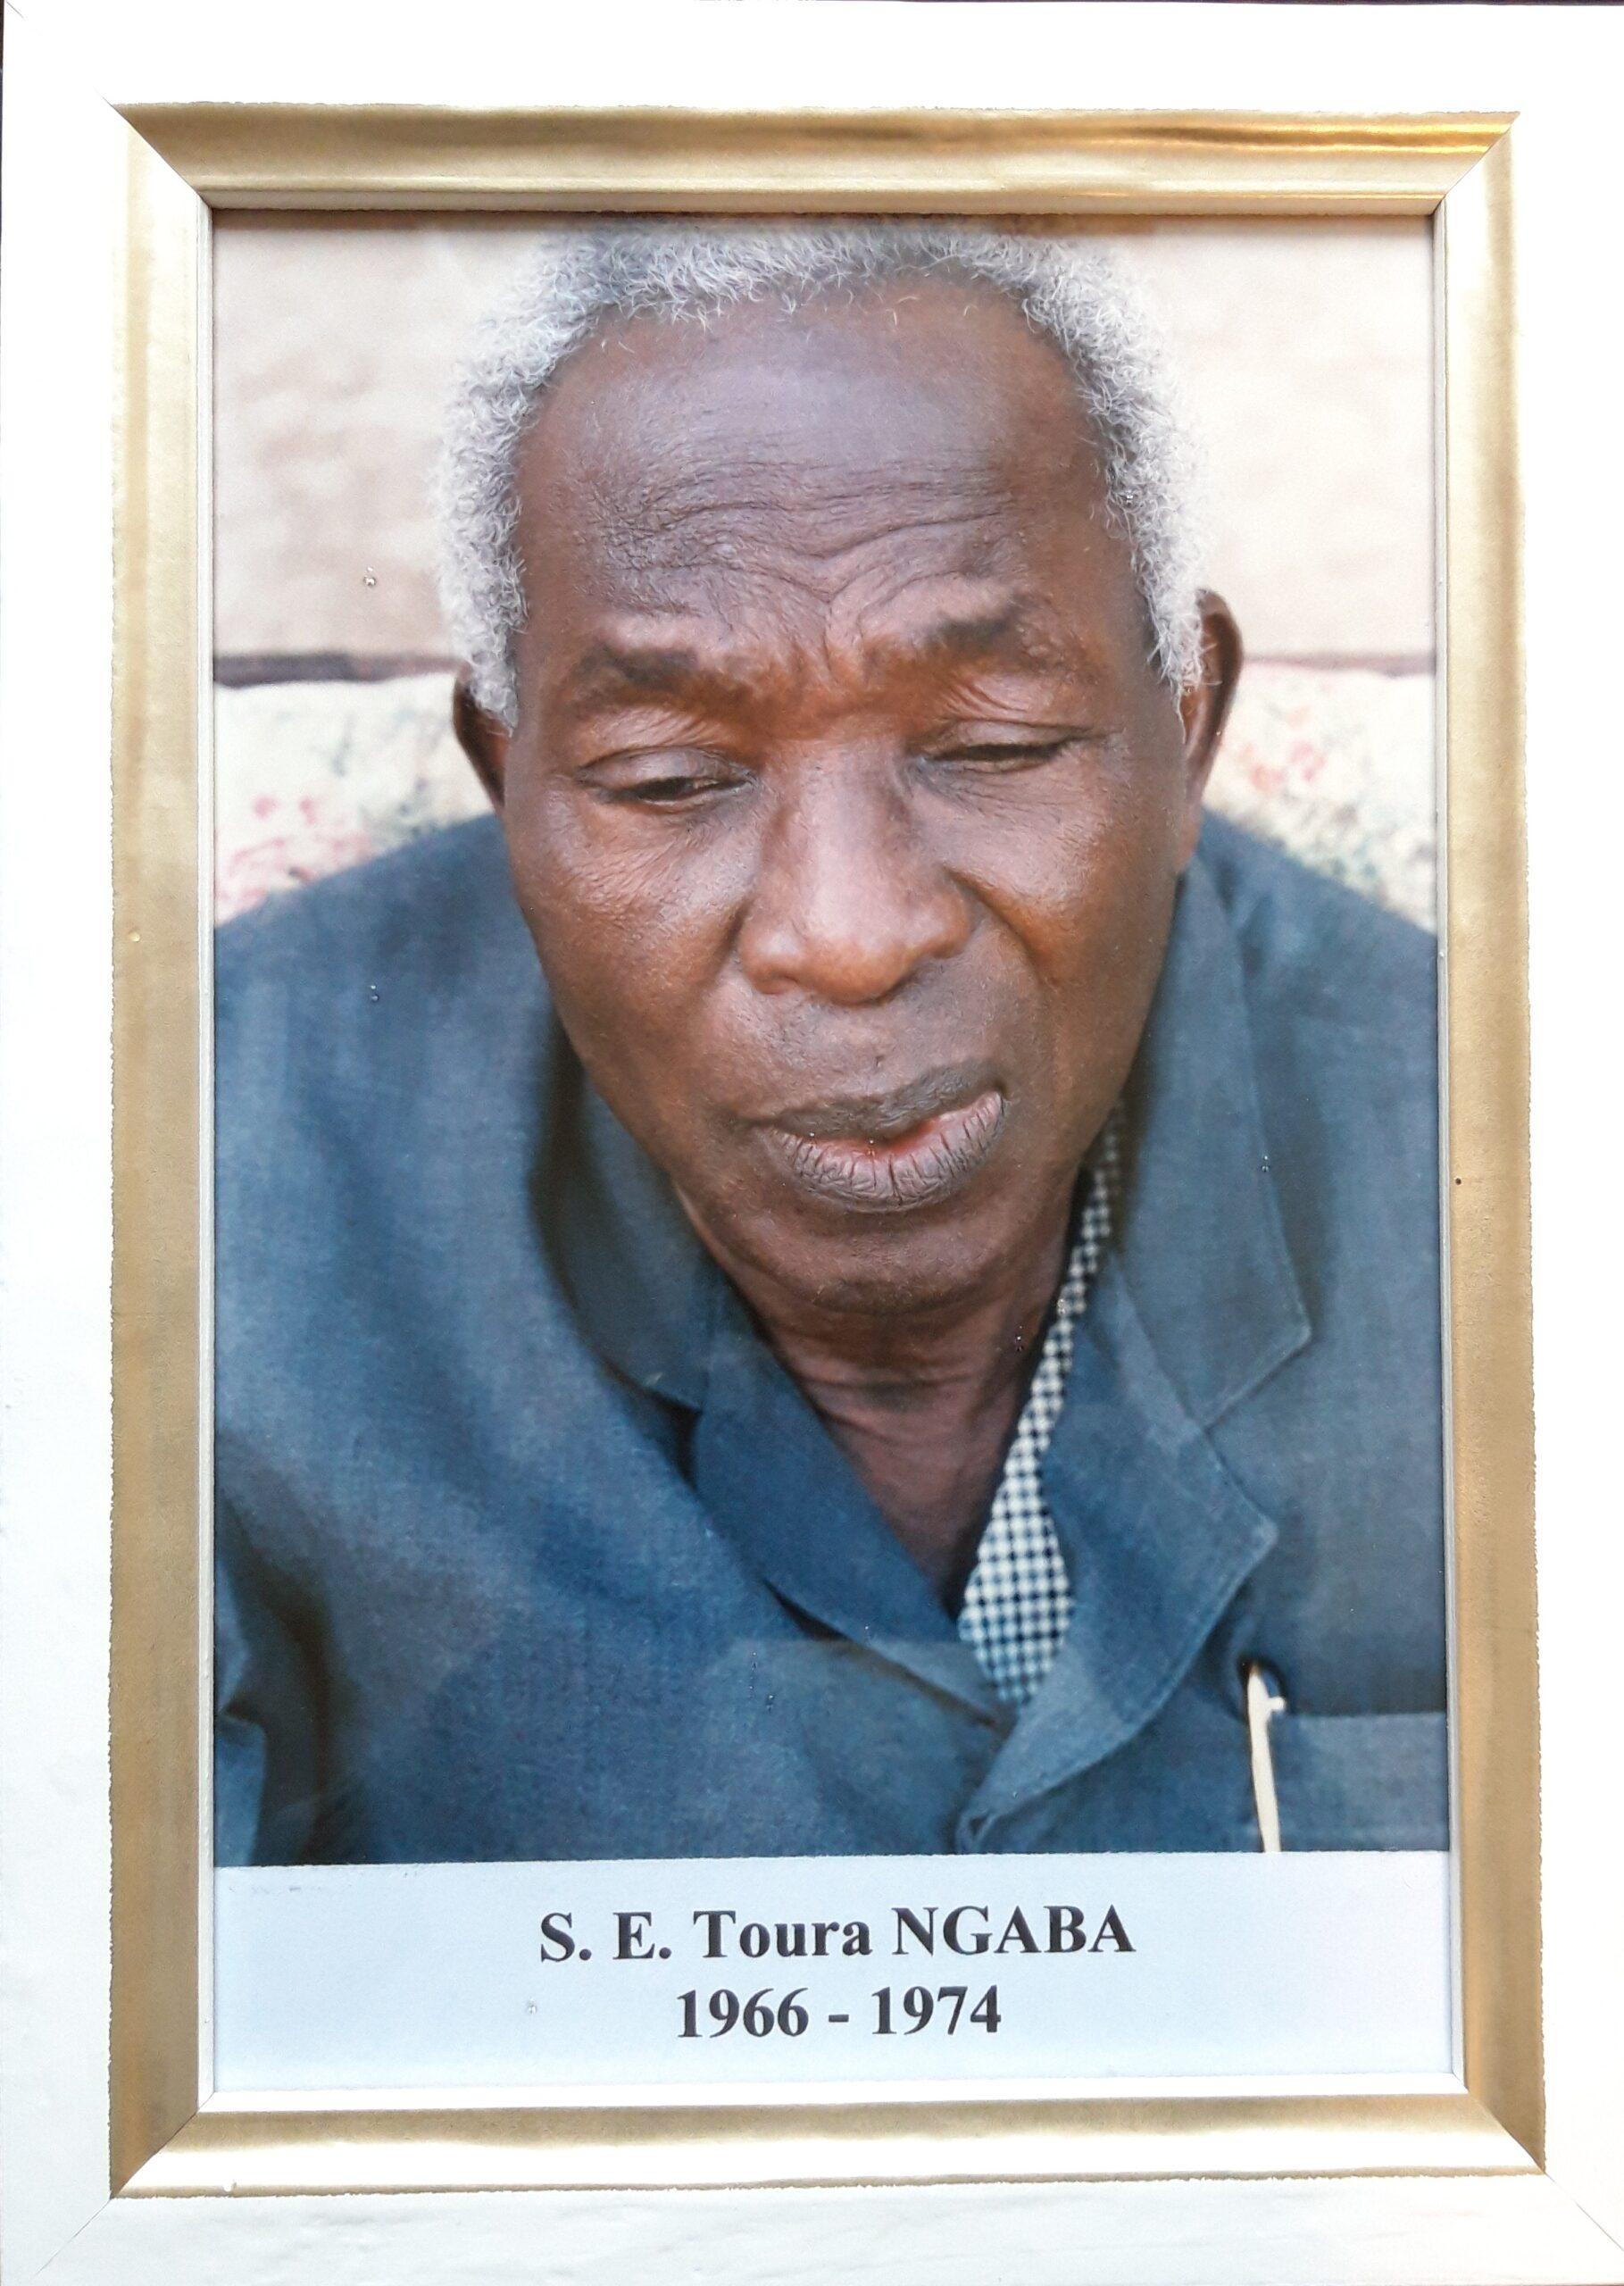 S.E. Toura NGABA